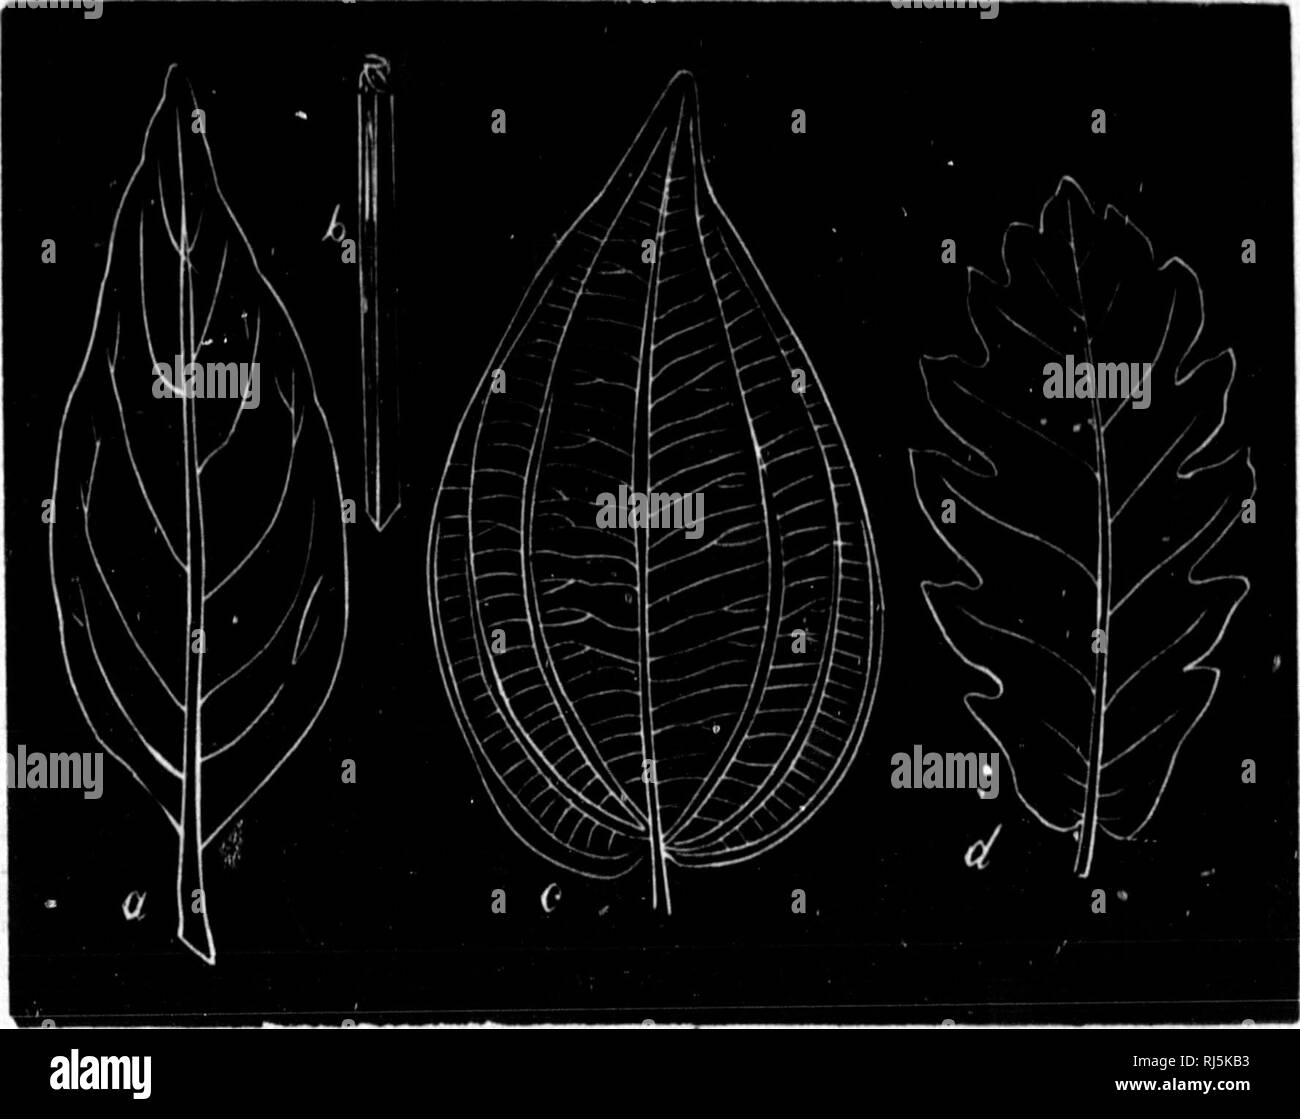 . Elements de minéralogie, de géologie et de botanique [microforme]. Minéralogie; Géologie; Botanique; Mineralogy; Geology; Botany. â 350 â convaincre de la généralité de cette loi en comparant la feuille de l'un quelconque de nos arbres à feuilles caduques (dicotylédone) avec celle du maïs ou d'un autre graminée (monocotylédone). Dans le cas de nervation ramifiée divergente, la disposition des nervures dans le limbe est très va- riable. Elle peut cependant se rapporter à quatre types principaux.. Fig. 184. Le cas le plus simple est celui d'une nervure uni- que, médiane, qui ne s - Stock Image